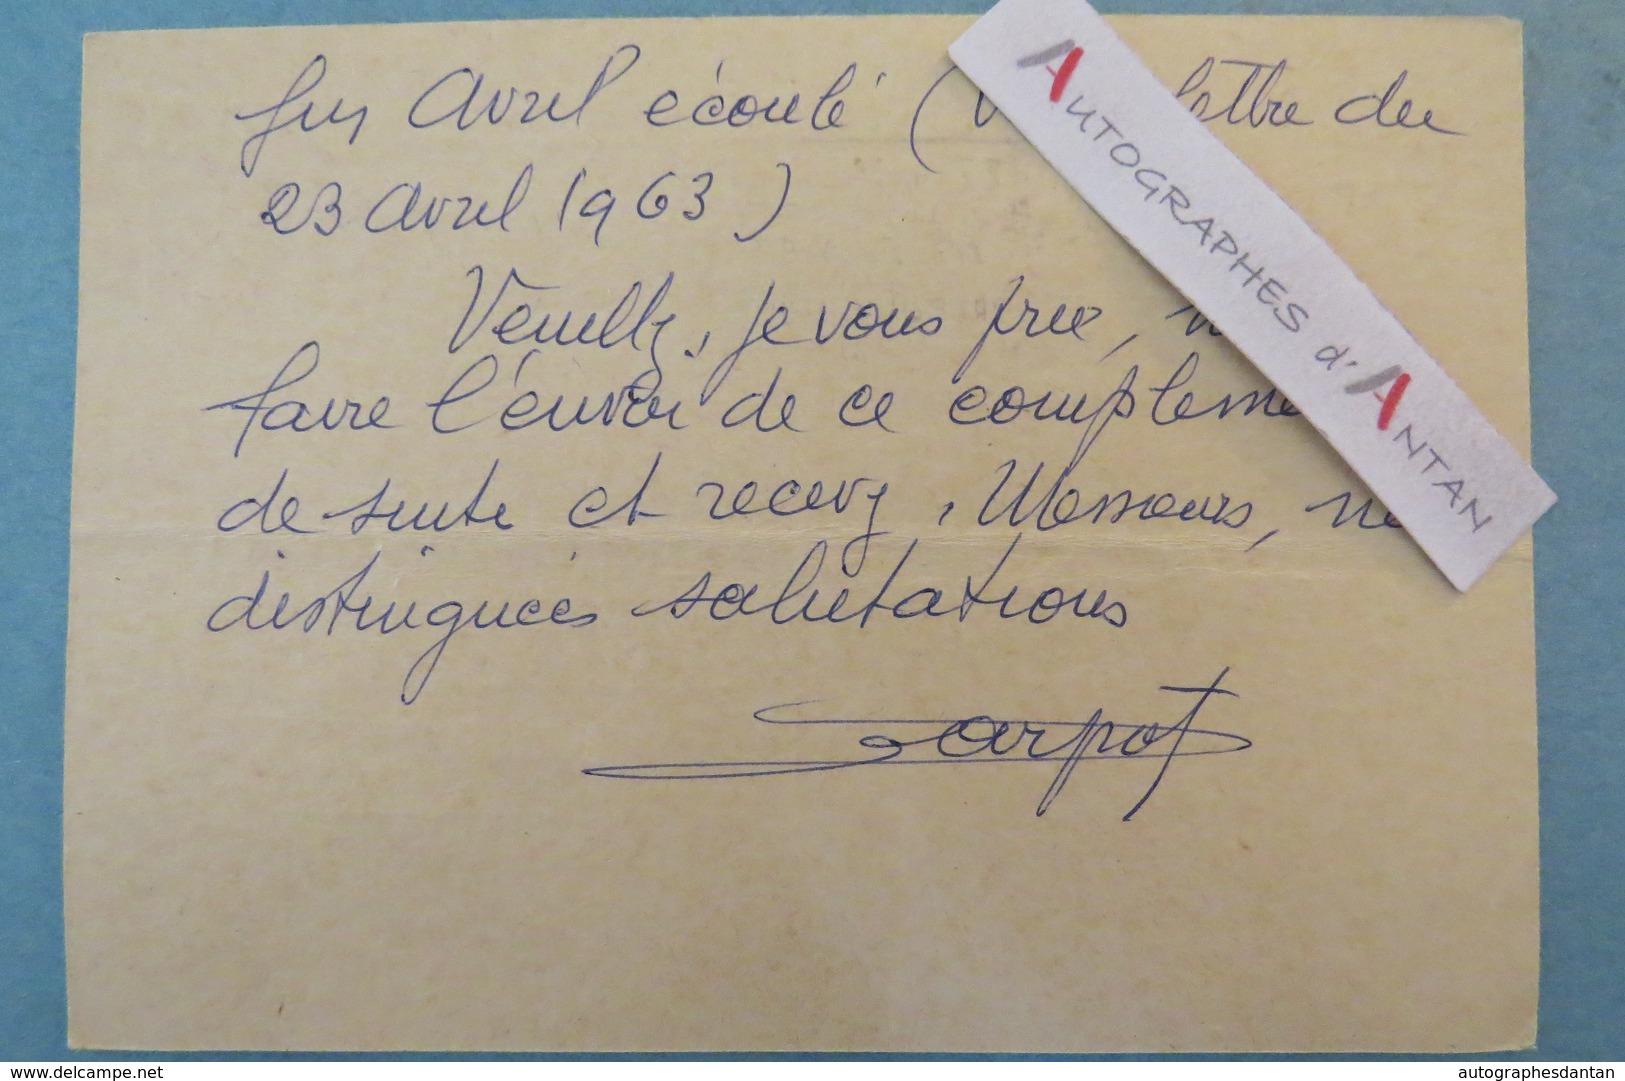 Entier Postal Saint-Etienne > Paris 1963 - CARPOT - Timbre N°1233 Cachet Aéroport Carte Apprenez Un Métier Du Bâtiment - Non Classés